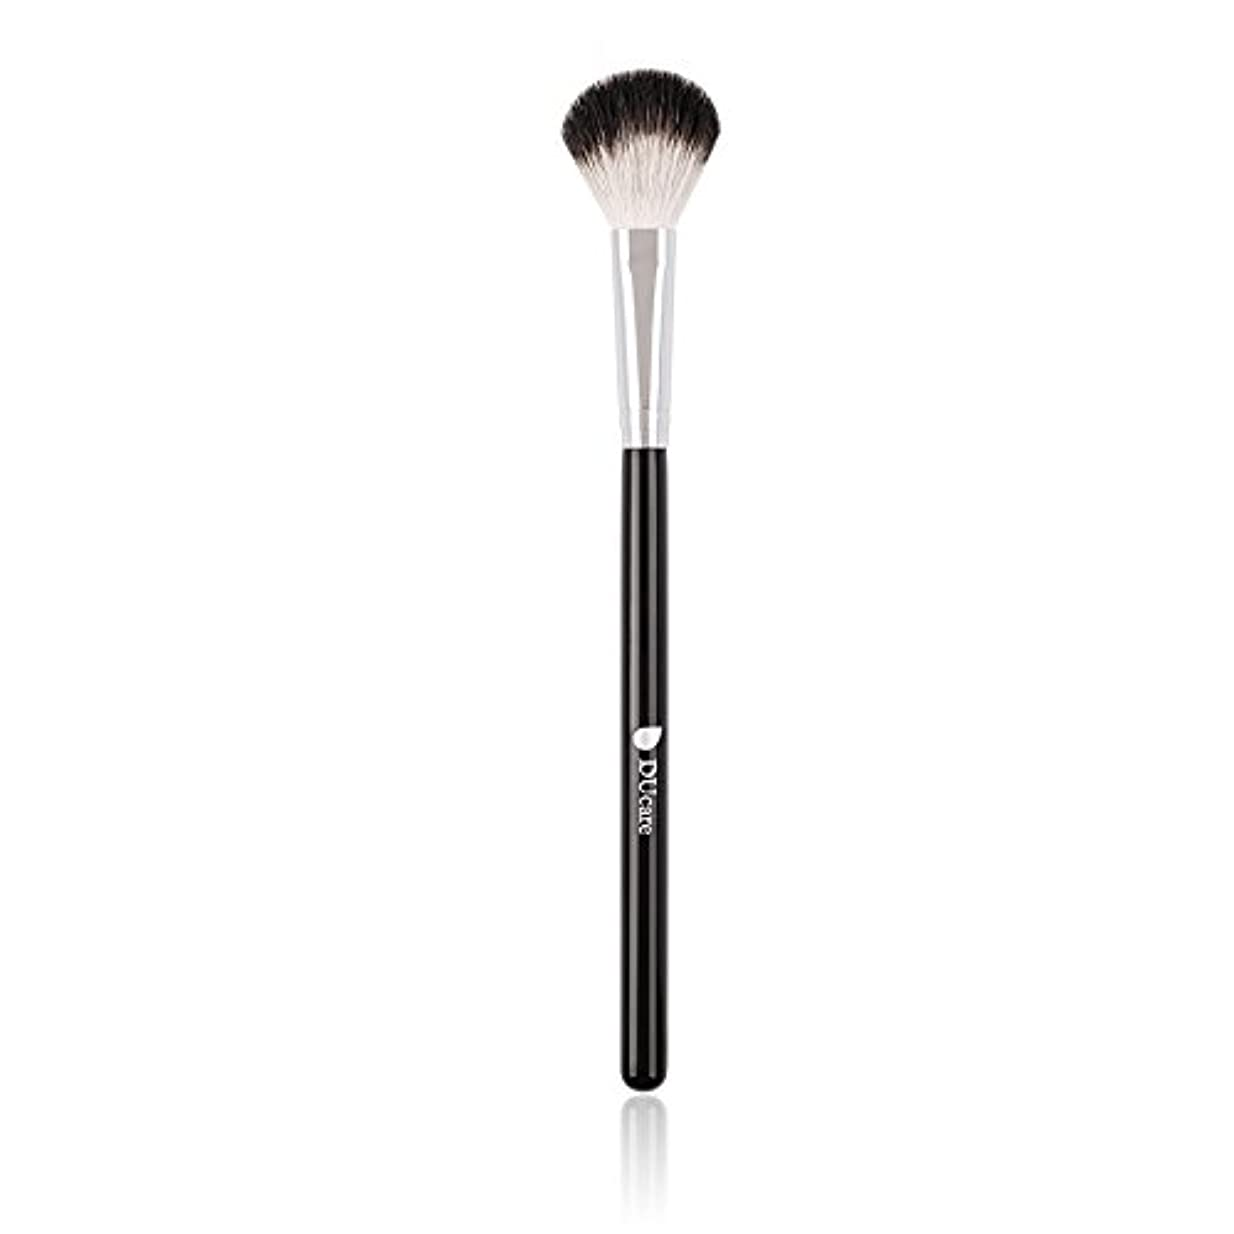 禁止する騙すハーフDUcare ドゥケア 化粧筆 ハイライトブラシ 白尖峰を100%使用 ハイライト&チック&パウダー用